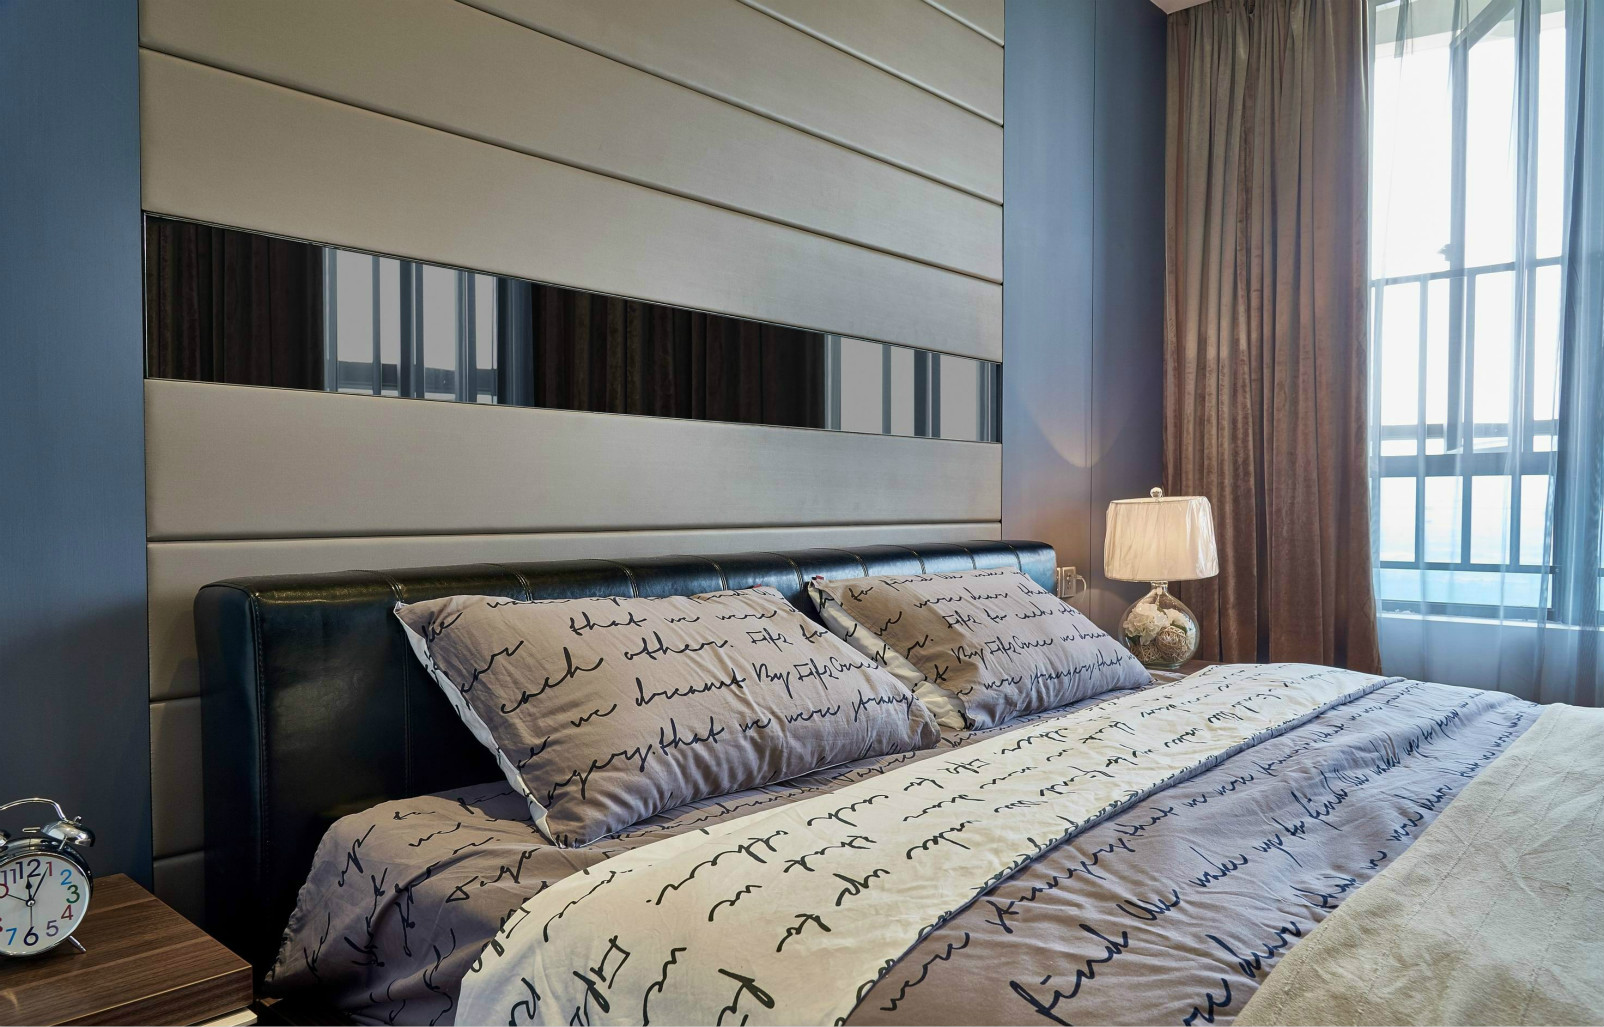 卧室的床品很是别致,温暖而温馨,去掉一天疲惫畅想明天